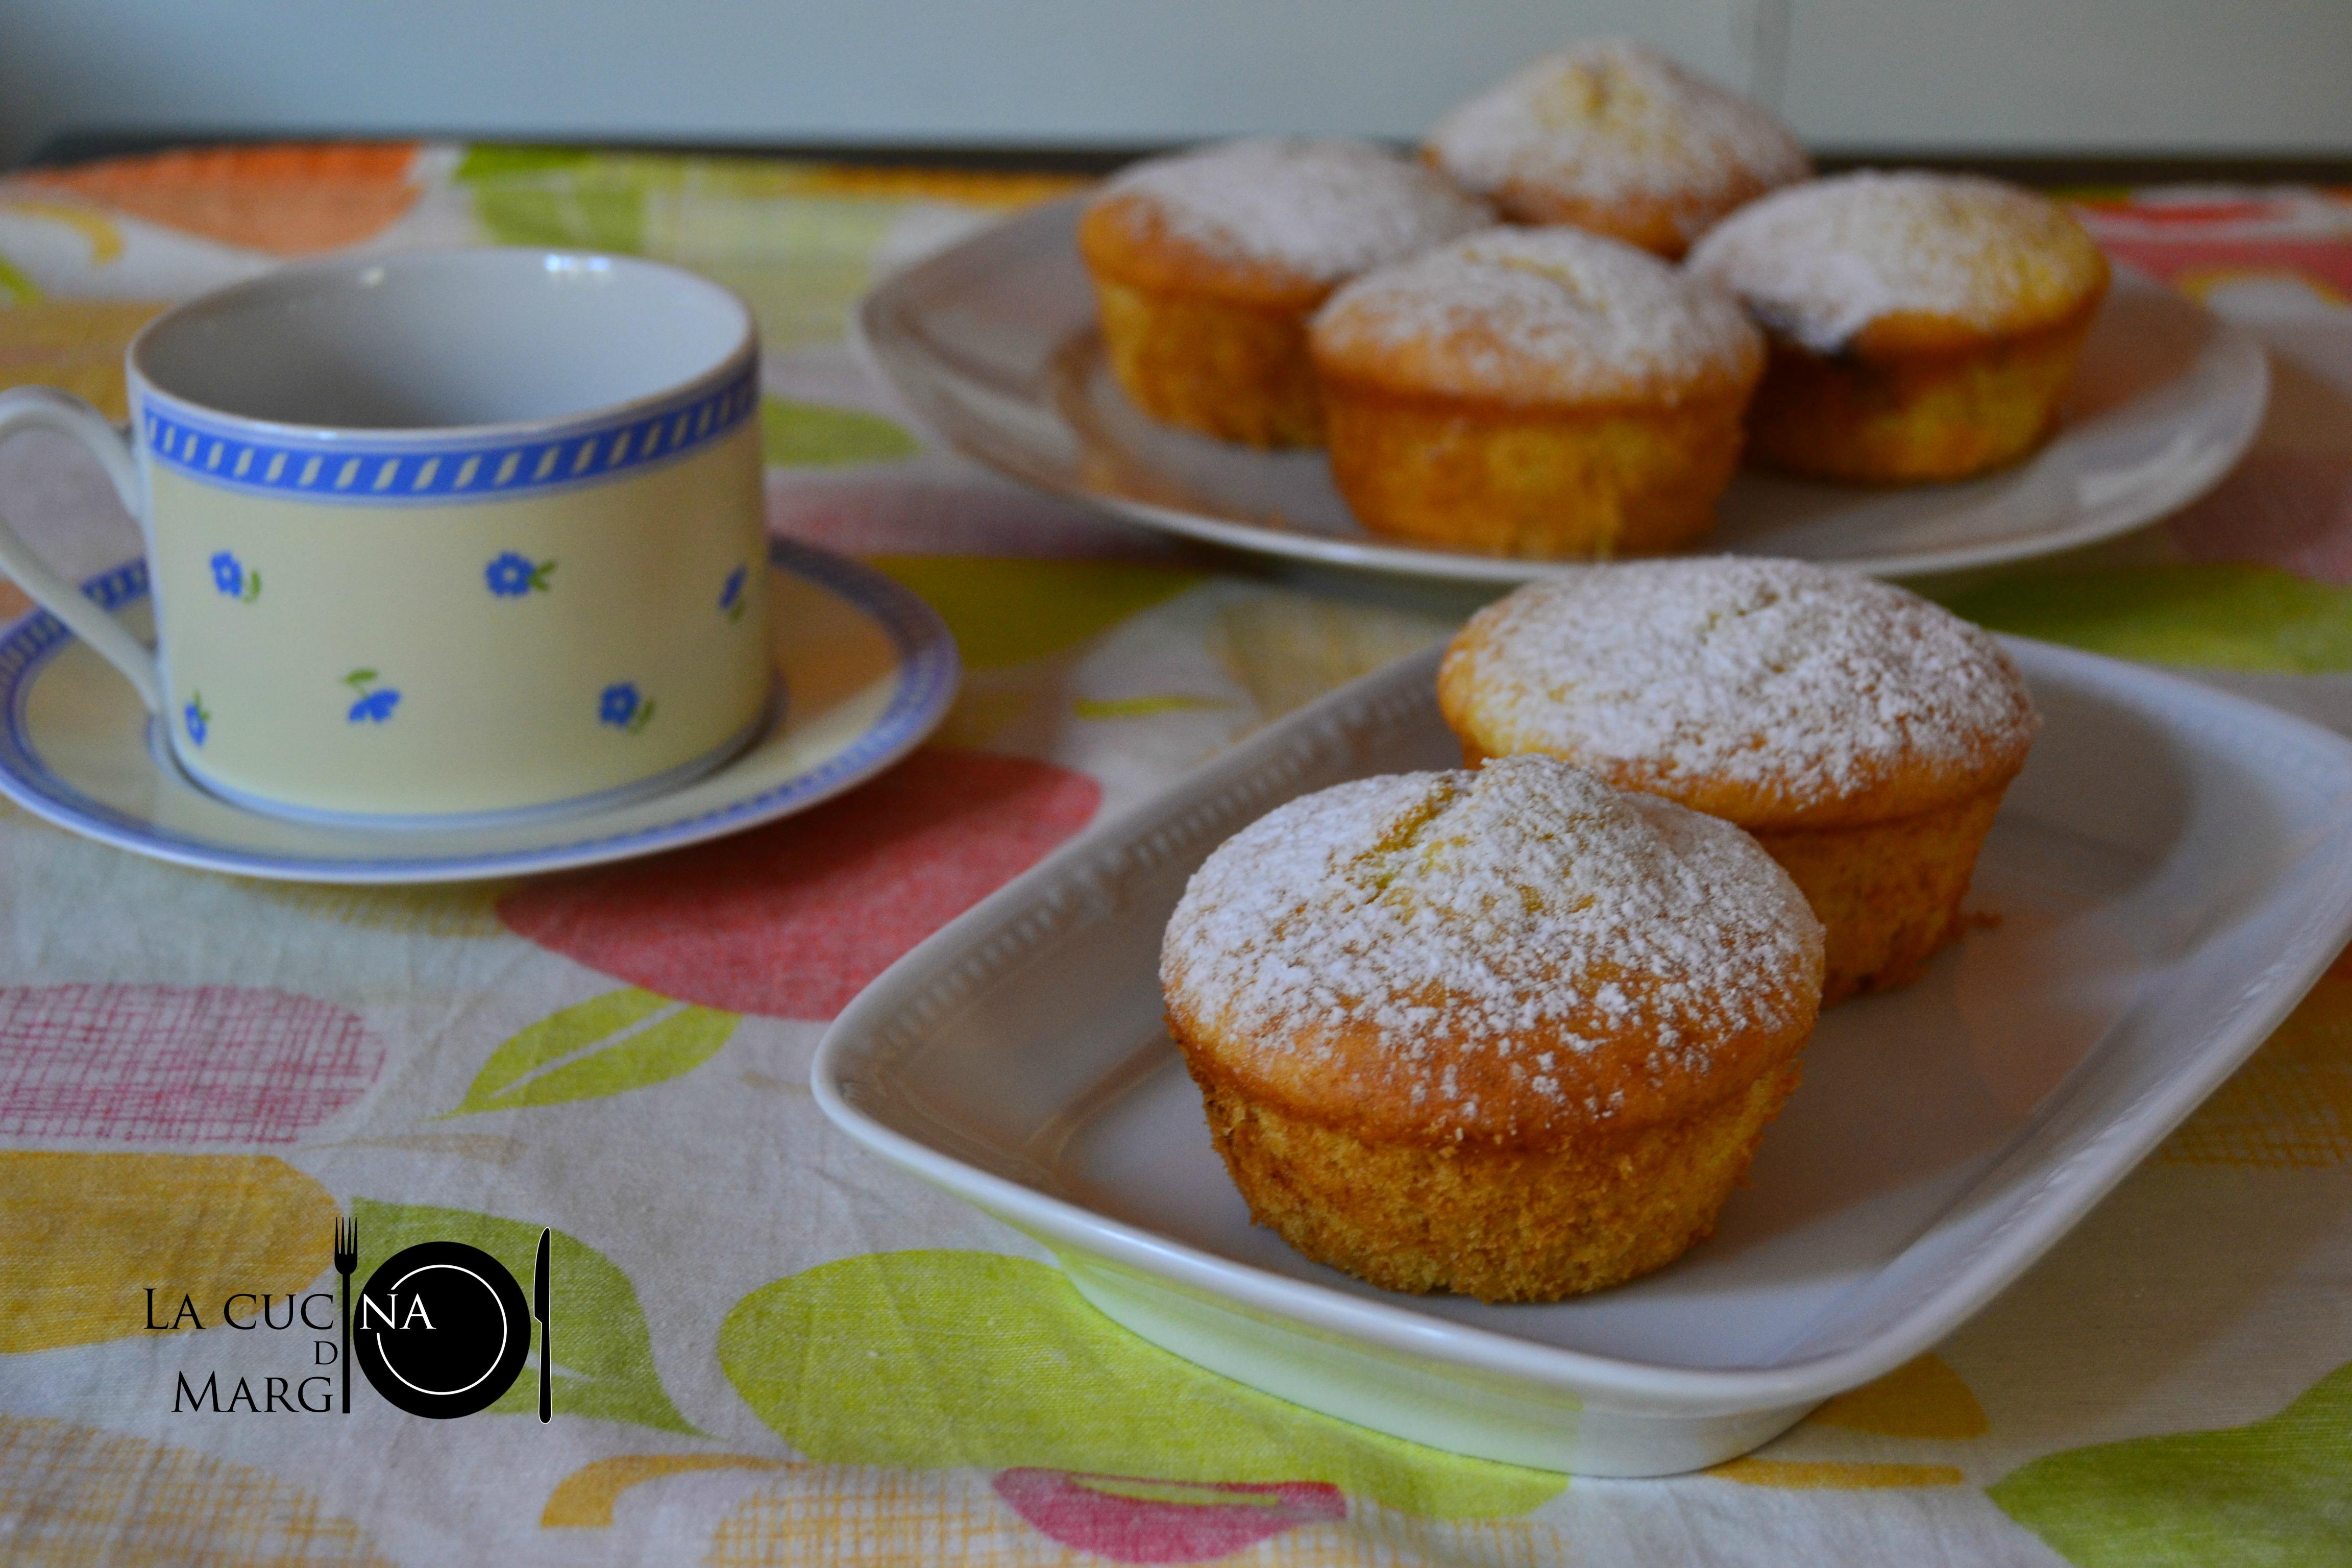 Muffin alla nutella 10 LOGO DSC_0110